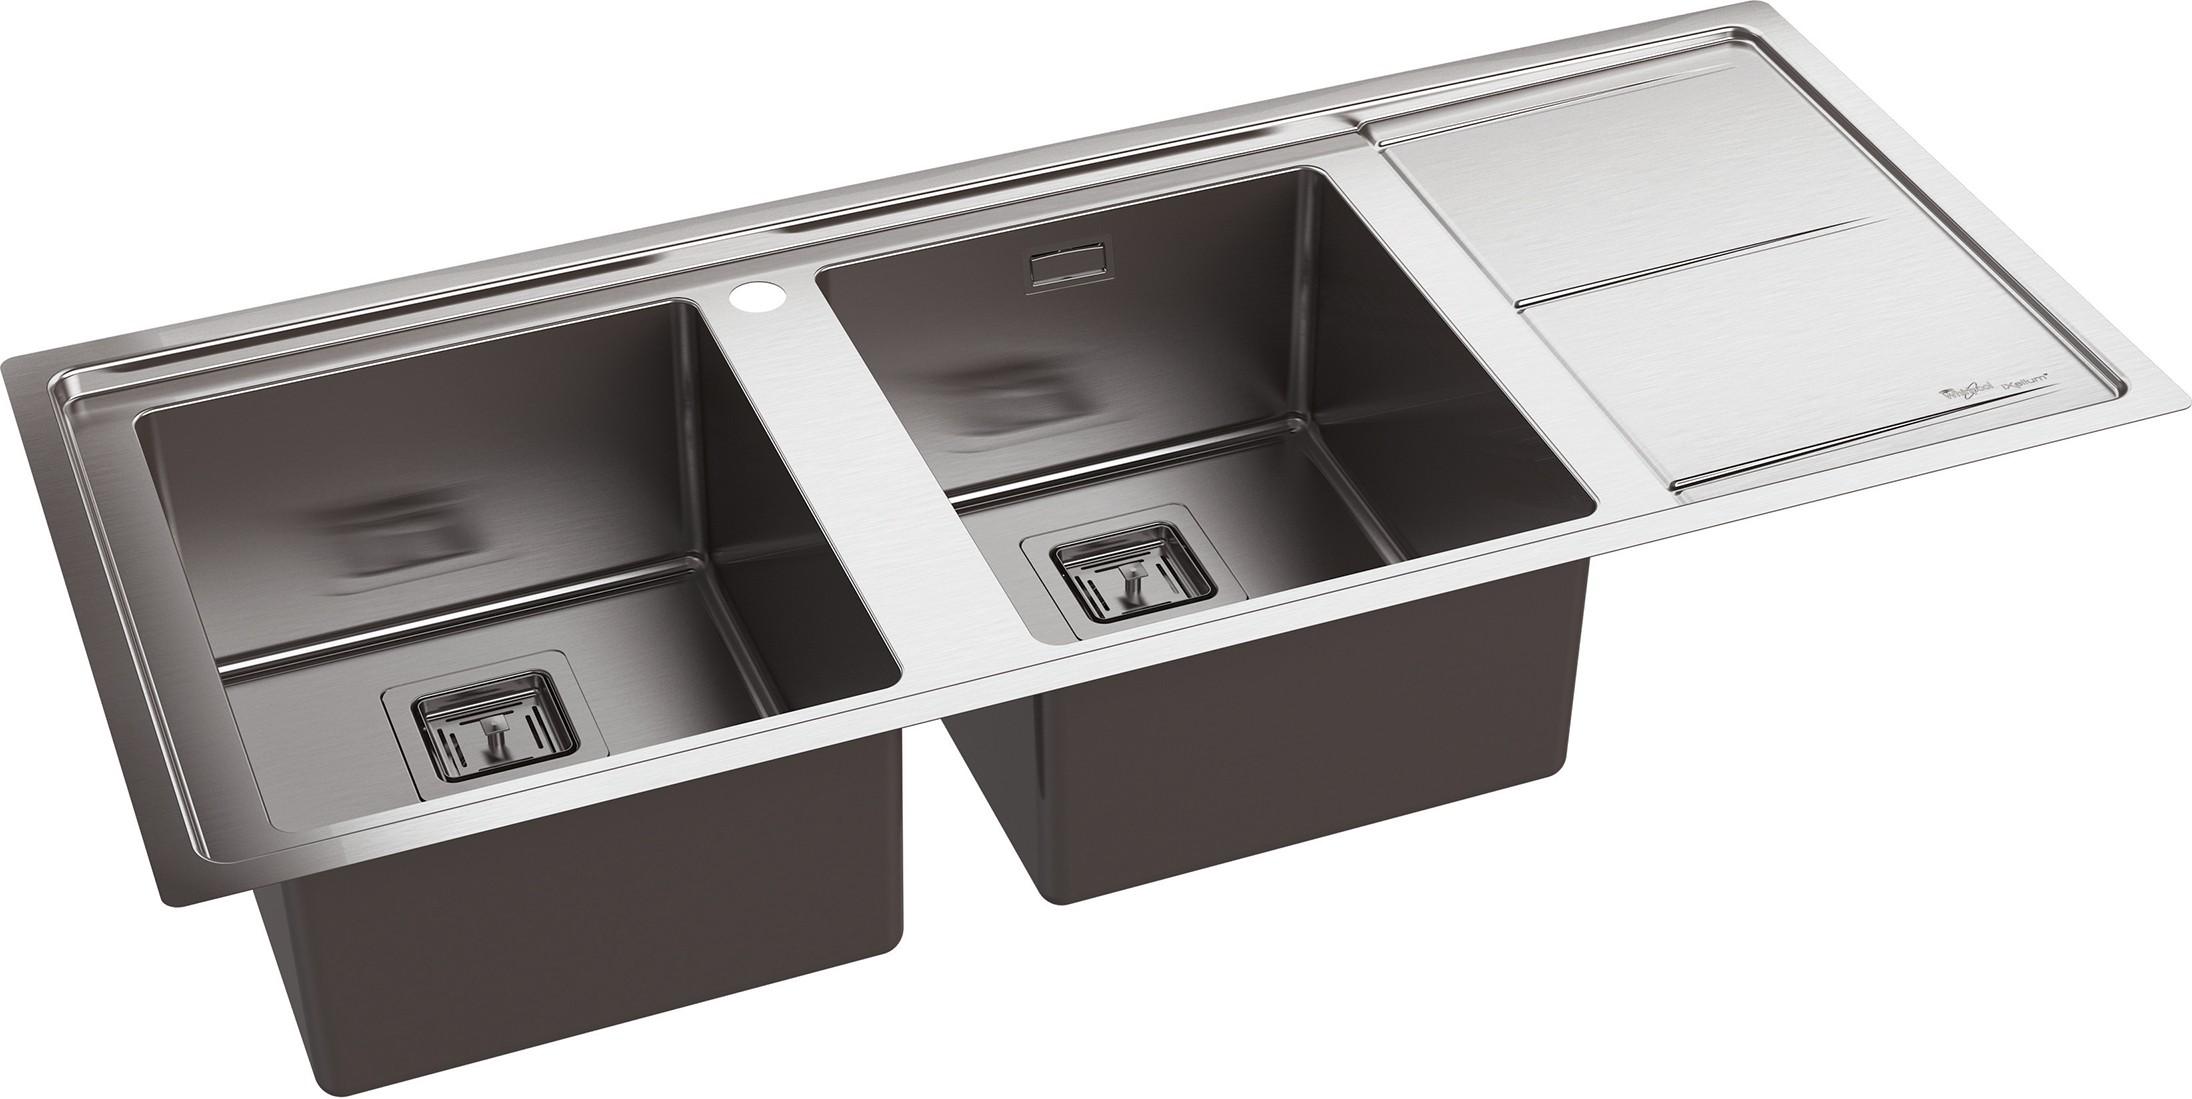 Lavandino Cucina Con Gocciolatoio lavello cucina 2 vasche incasso con gocciolatoio dx larghezza 120 cm  materiale/finitura acciaio inox - fs 1151 ixl serie fusion ixelium